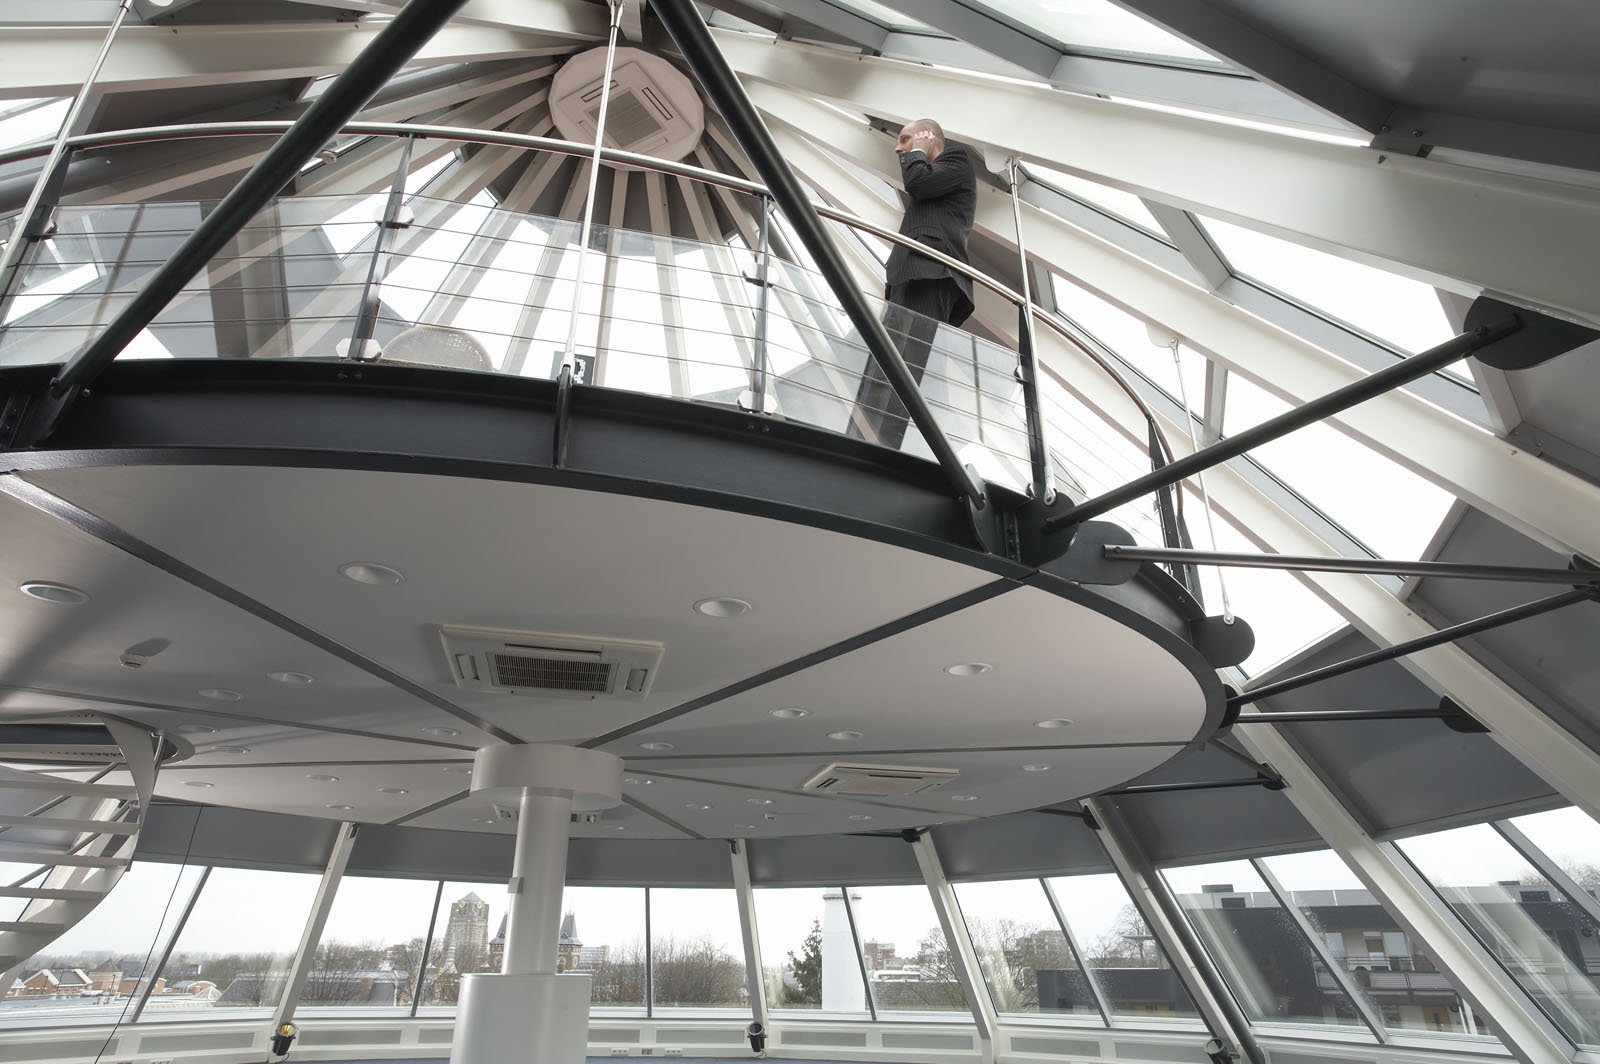 Airco Slaapkamer Inbouwen : Airco openbare ruimte airvek airconditioning